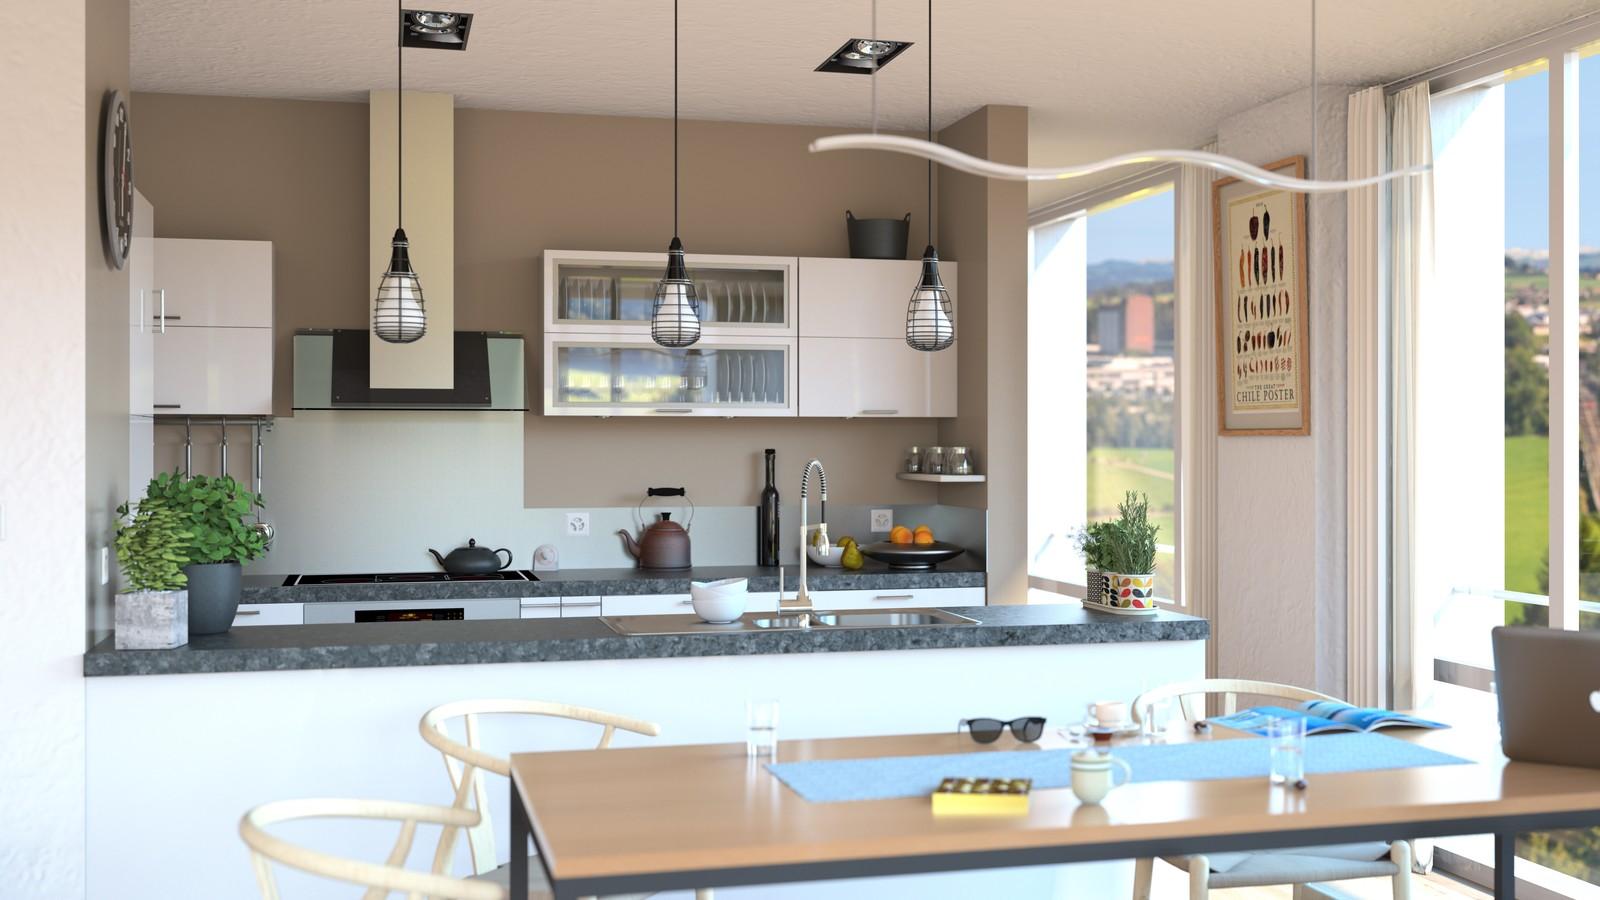 SketchUp + Thea Render Apartment model 03 v2019-Scene 34 Day V2 HD3000 x 5333 PrestoAO 1024 spx 54m06s